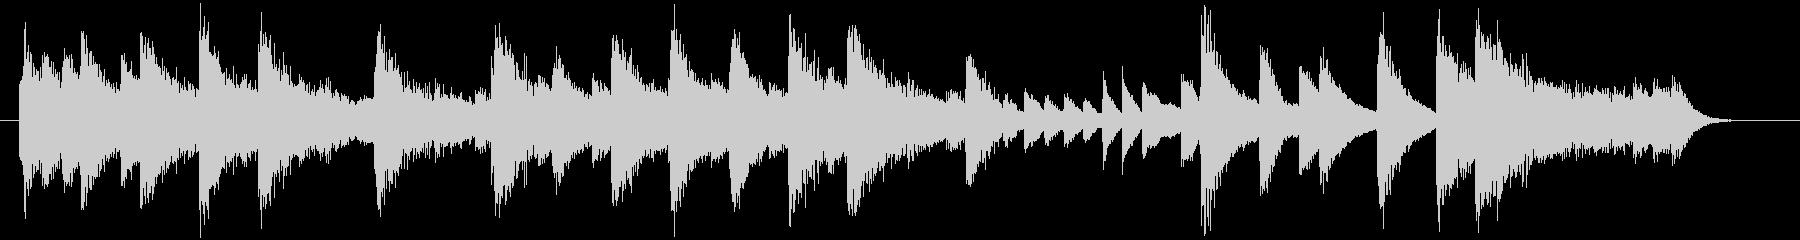 童謡・紅葉モチーフのピアノジングルCの未再生の波形